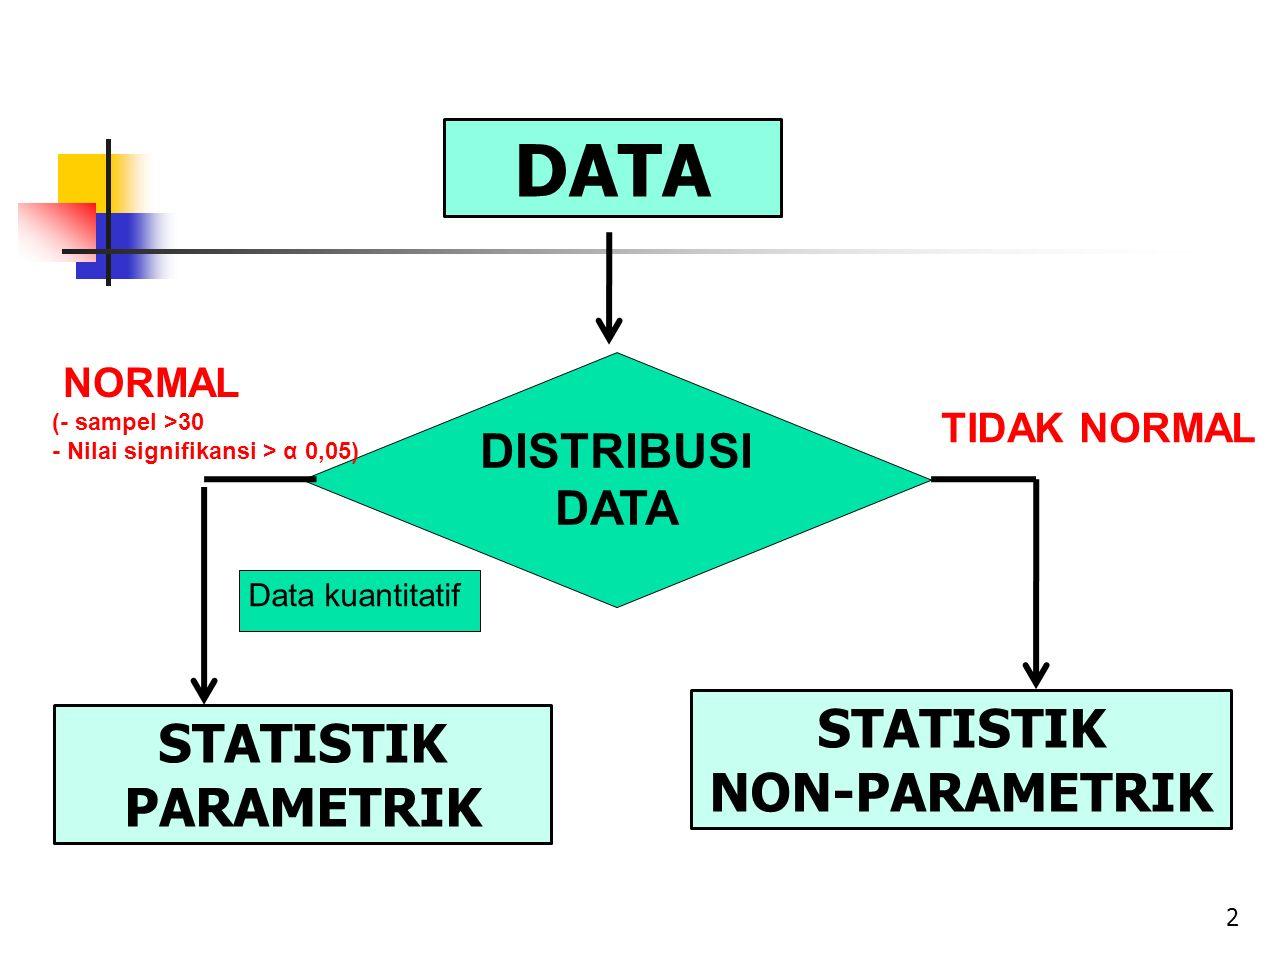 METODE STATIST IK PARAMETRIK 1.Inferensi terhadap sebuah rata-rata populasi 2.Inferensi terhadap dua rata-rata populasi 3.Inferensi terhadap lebih dari dua rata-rata populasi 4.Inferensi untuk mengetahui hubungan antar variabel 3